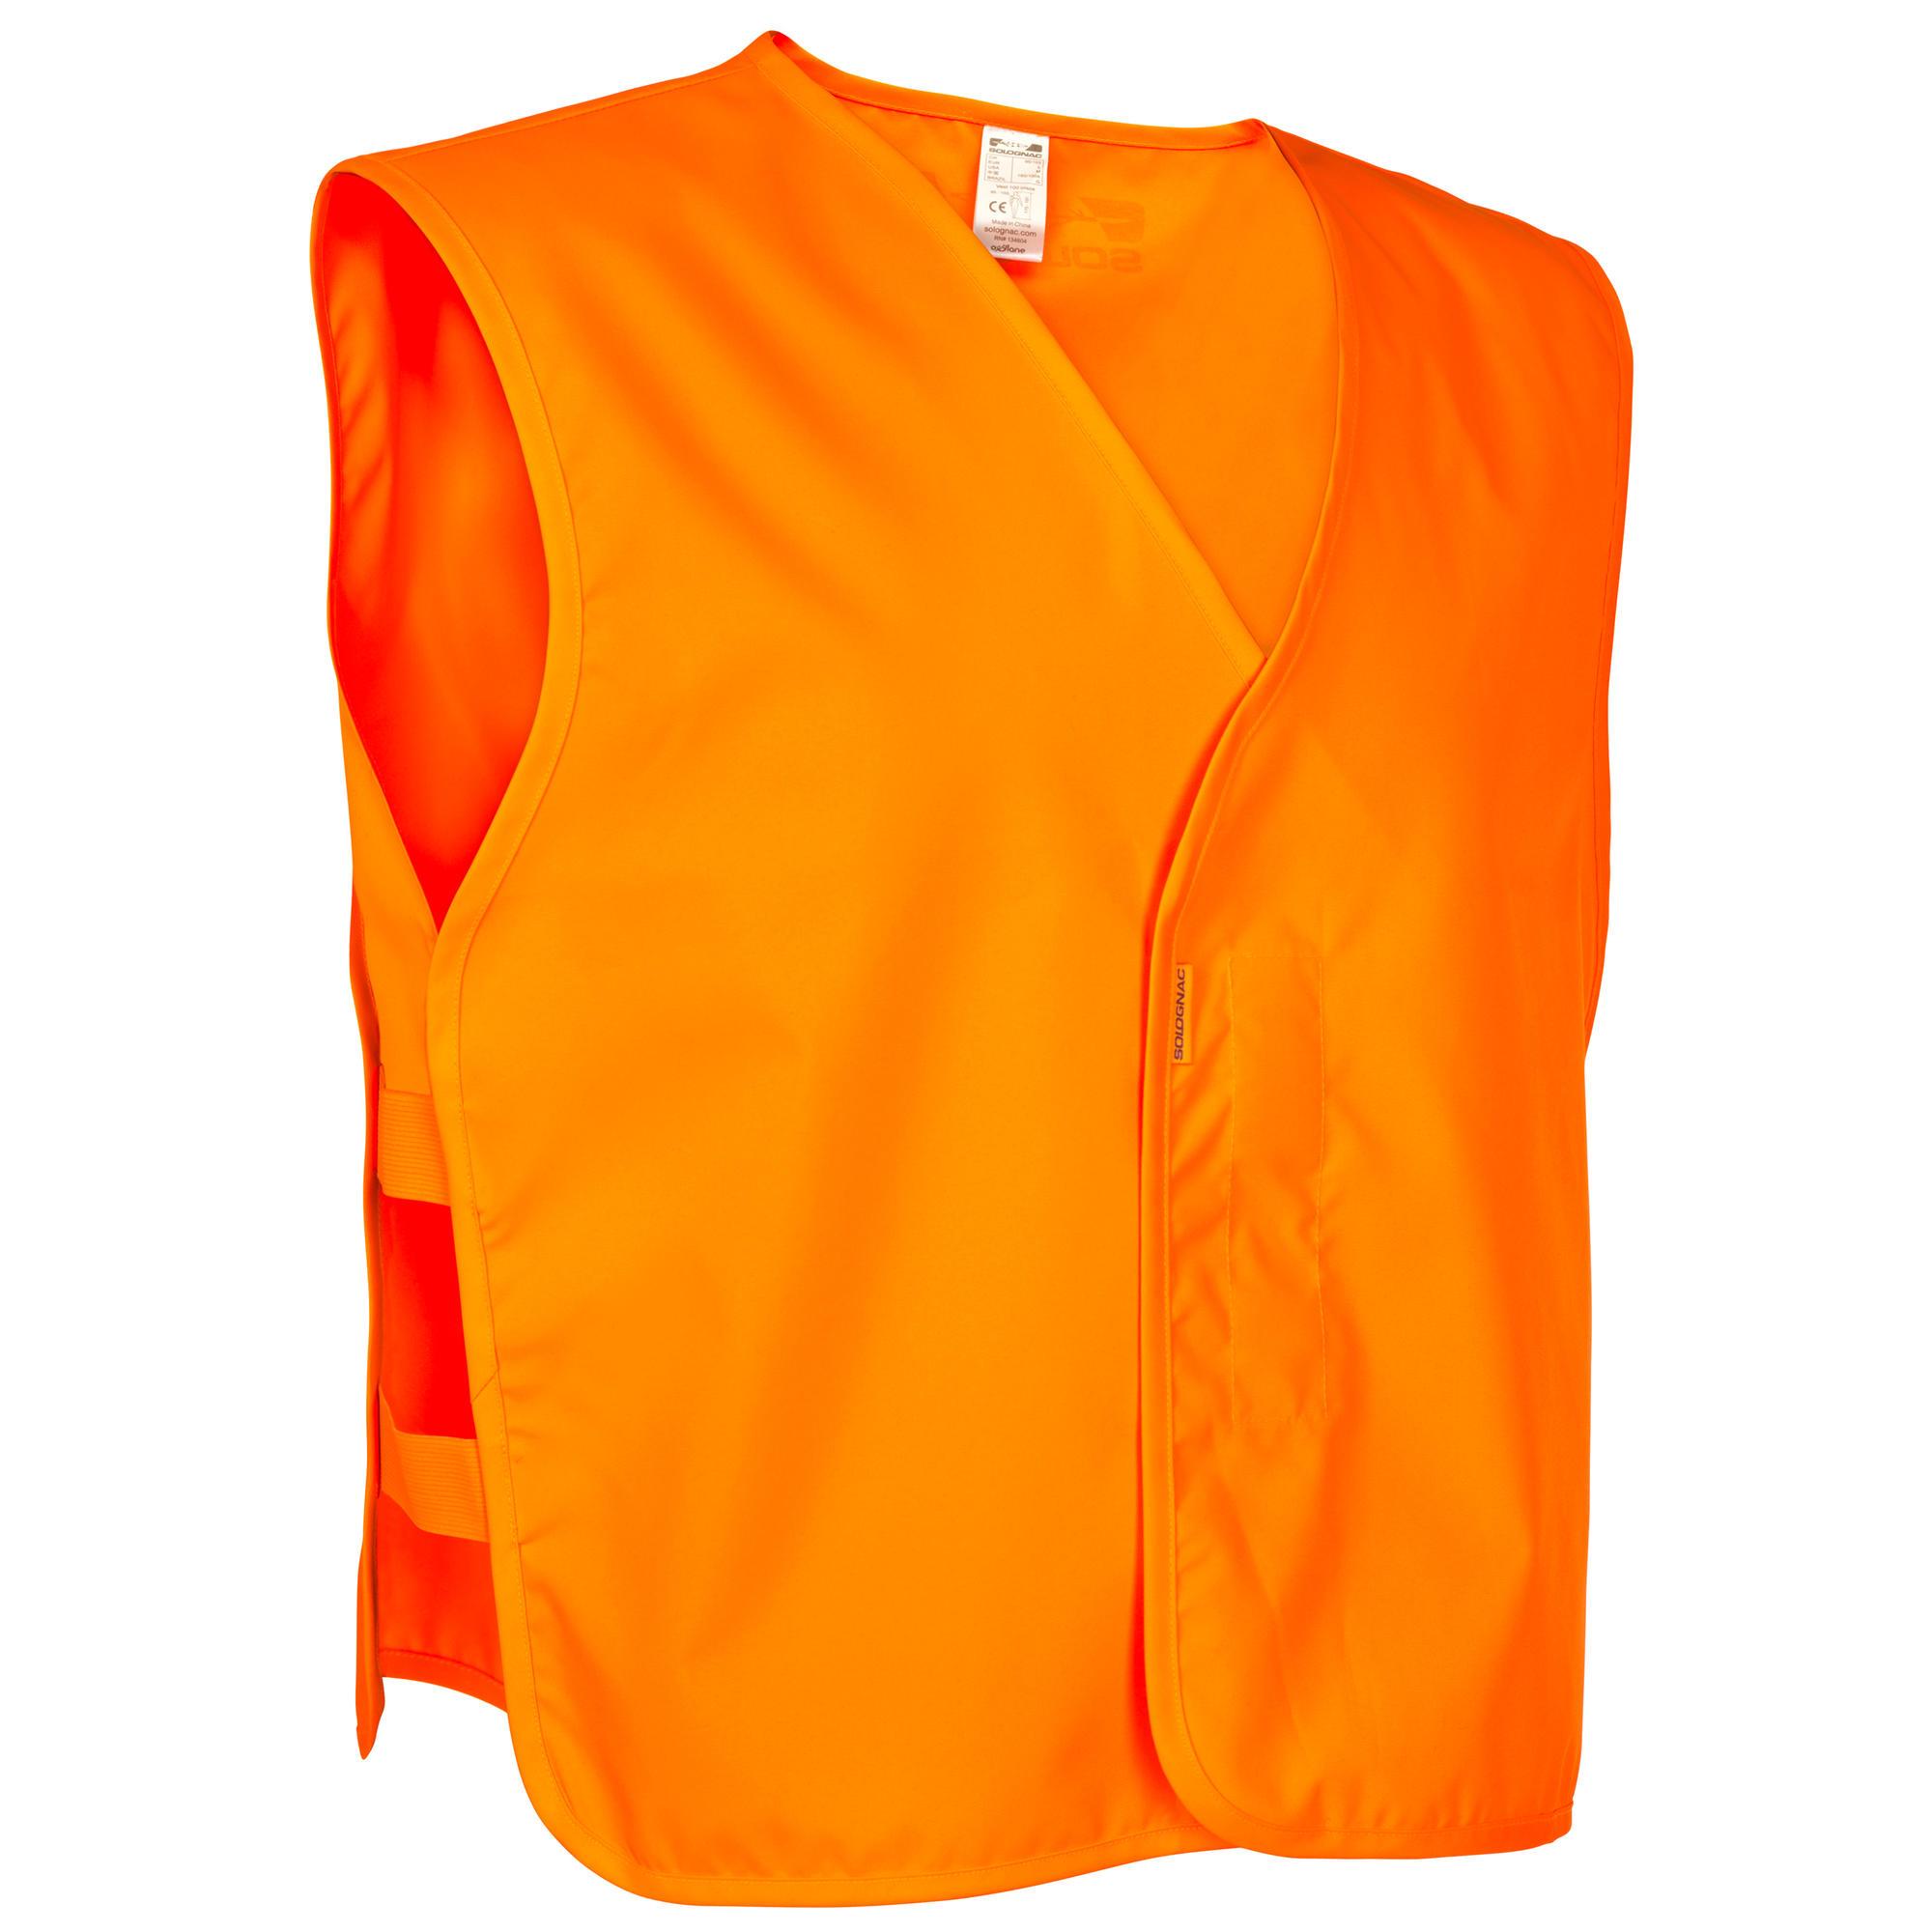 Chasse Vêtements TraqueurSolognac TraqueurSolognac TraqueurSolognac Vêtements Vêtements Chasse Chasse pUVqMGSz